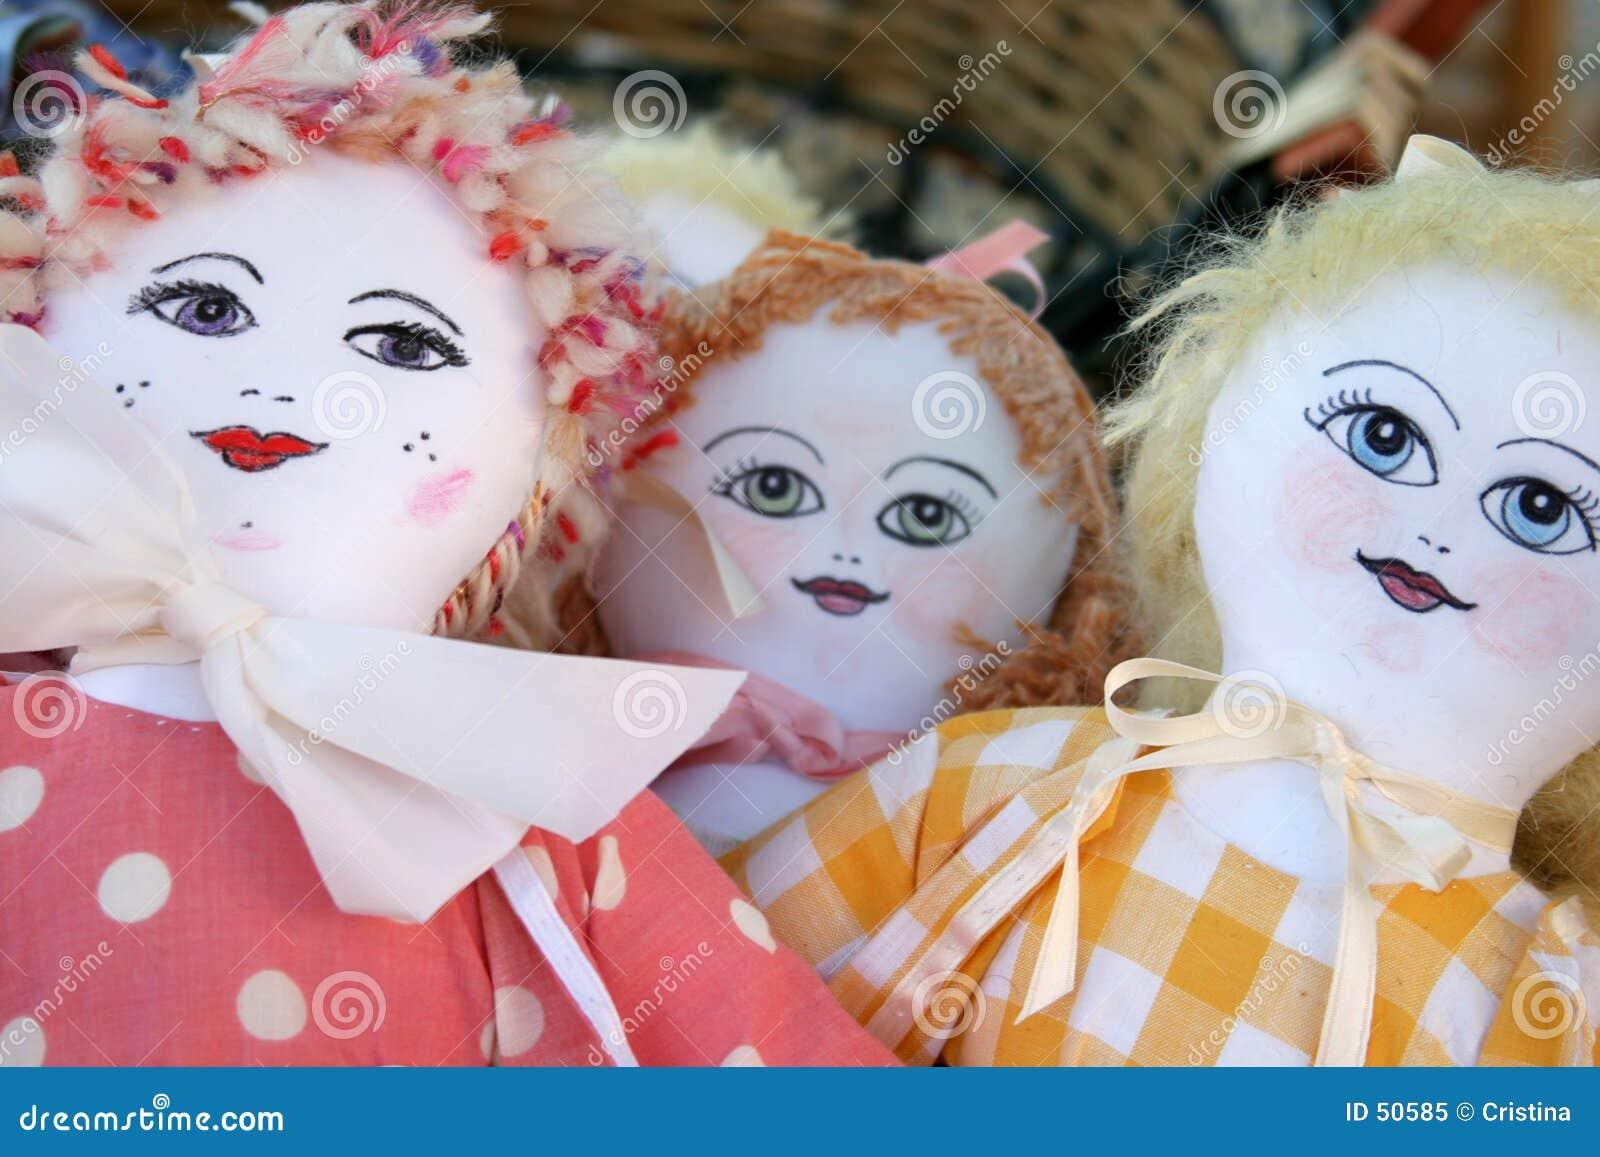 Muñecas en una cesta